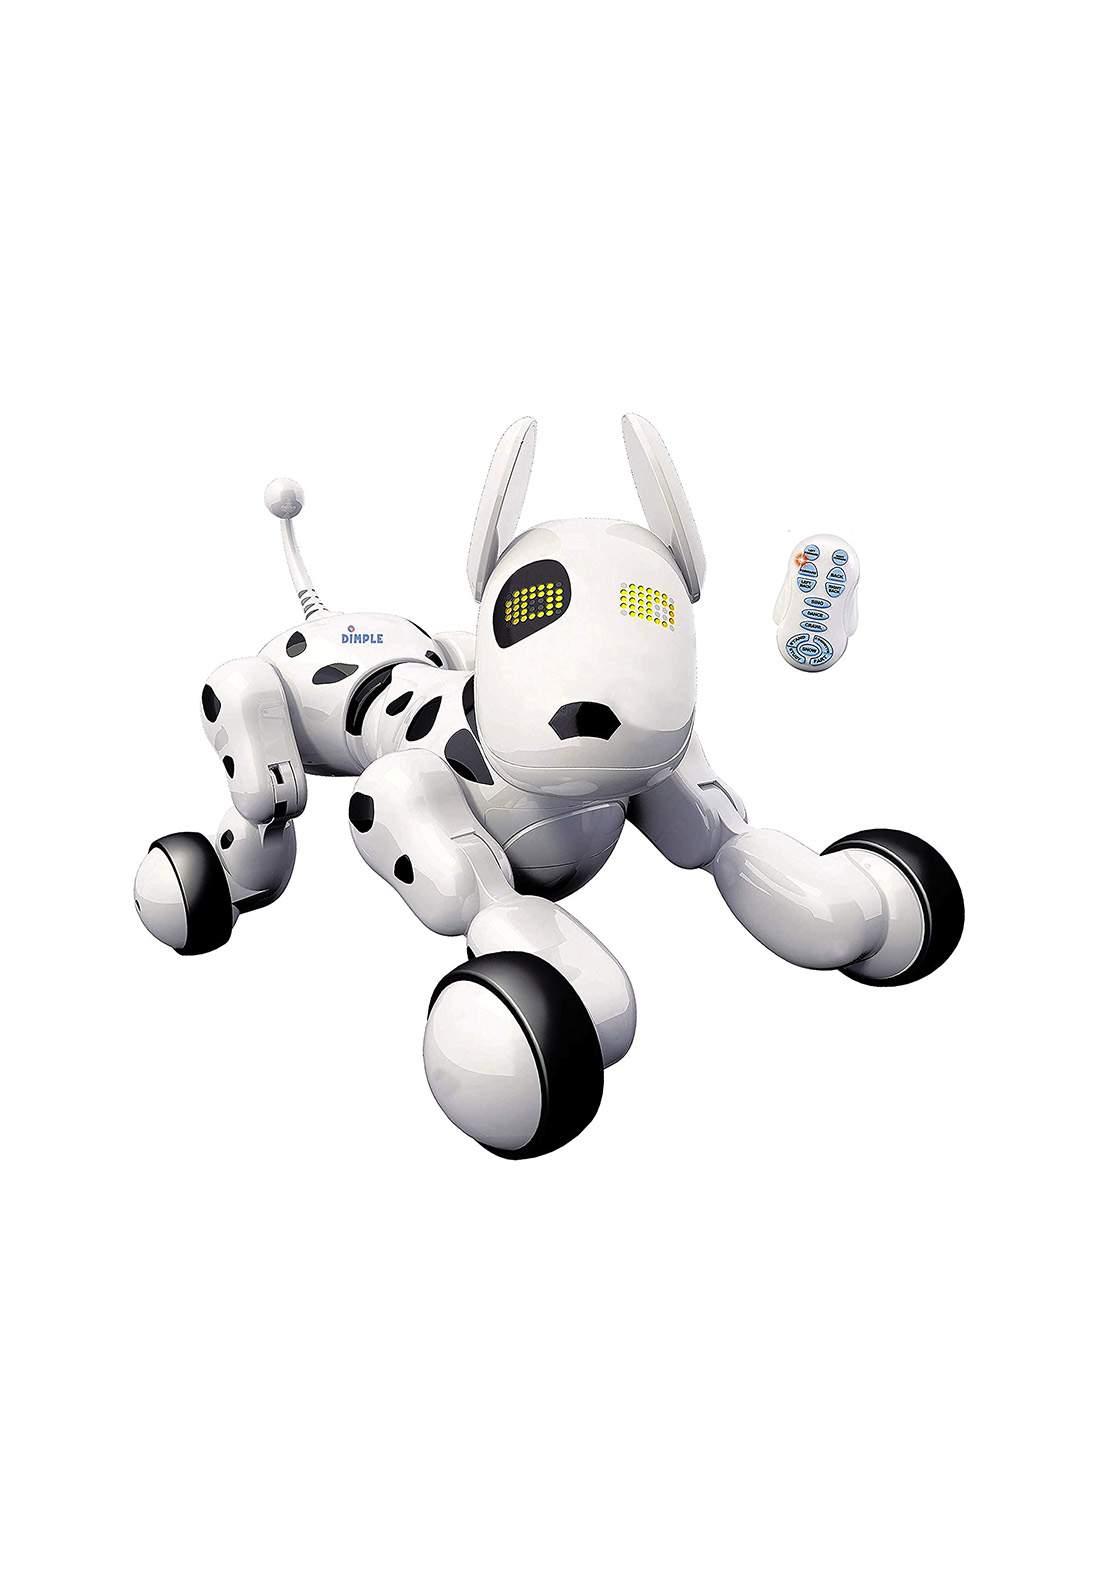 Dimple Smart Robot Dog كلب لاسلكي ذكي